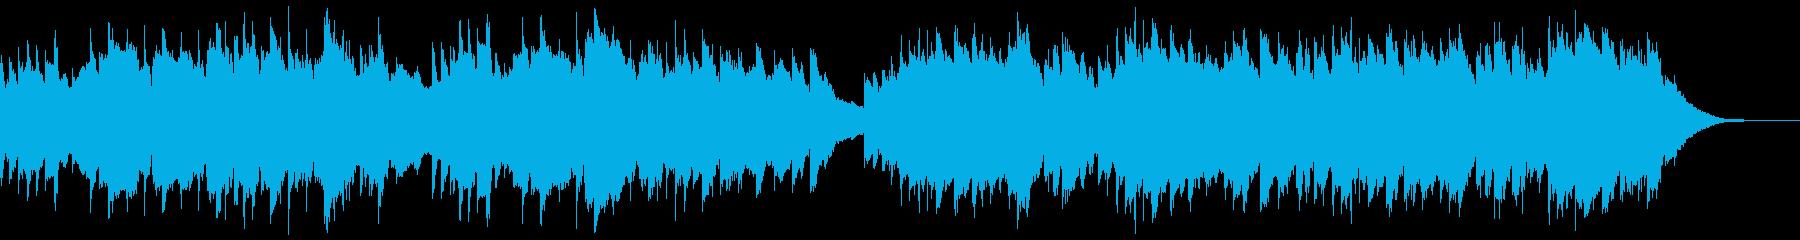 幸福感のあるピアノBGMの再生済みの波形